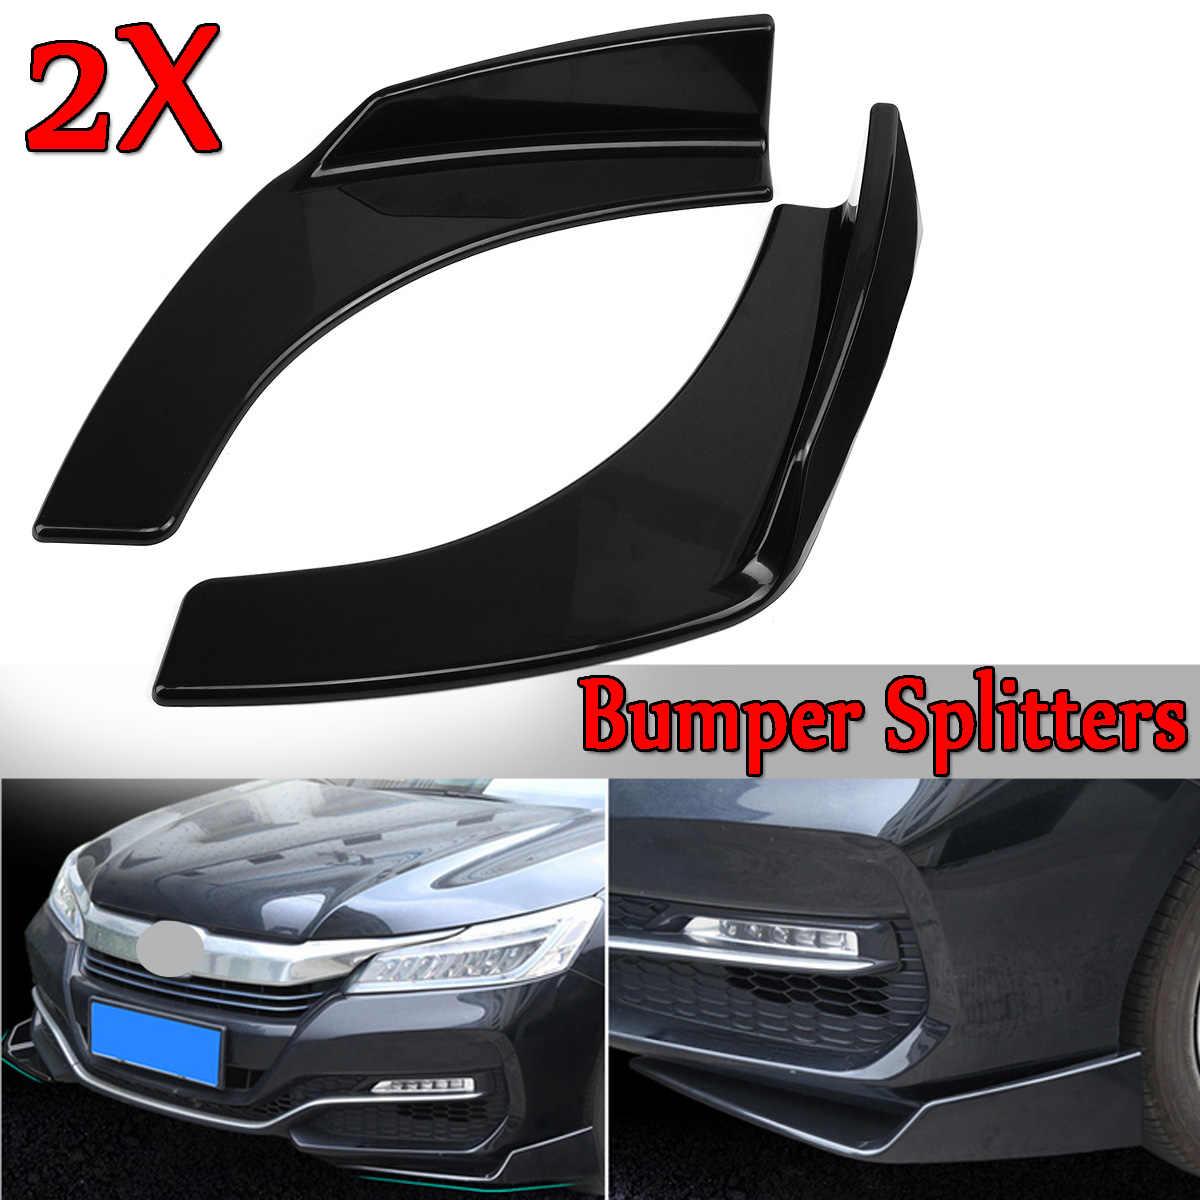 ABS Car Front Sto/ßstangenflossen Karosserie Spoiler Canard Lip Splitter F/ür Mercedes Benz Clase C W205 C180 C200 C220 C250 C300 C350 C400 C450 AMG C43 C63 2015-2018